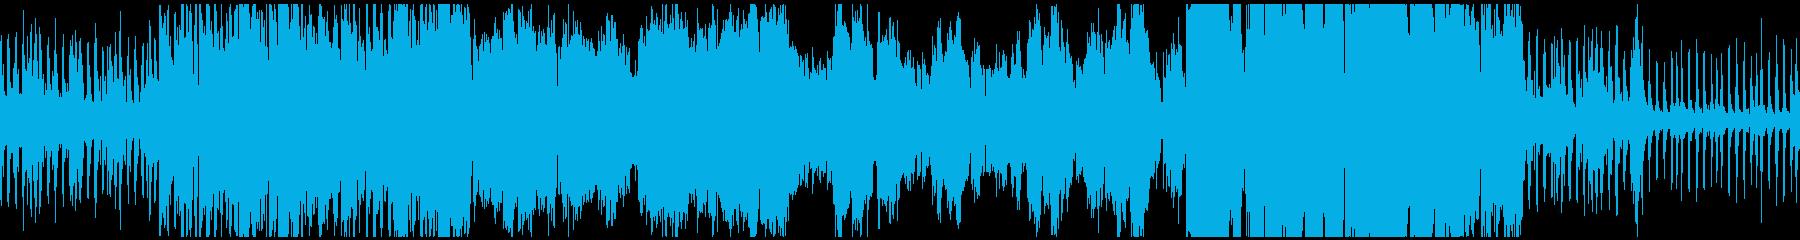 ゲームフィールドに合いそうな曲ループ版の再生済みの波形